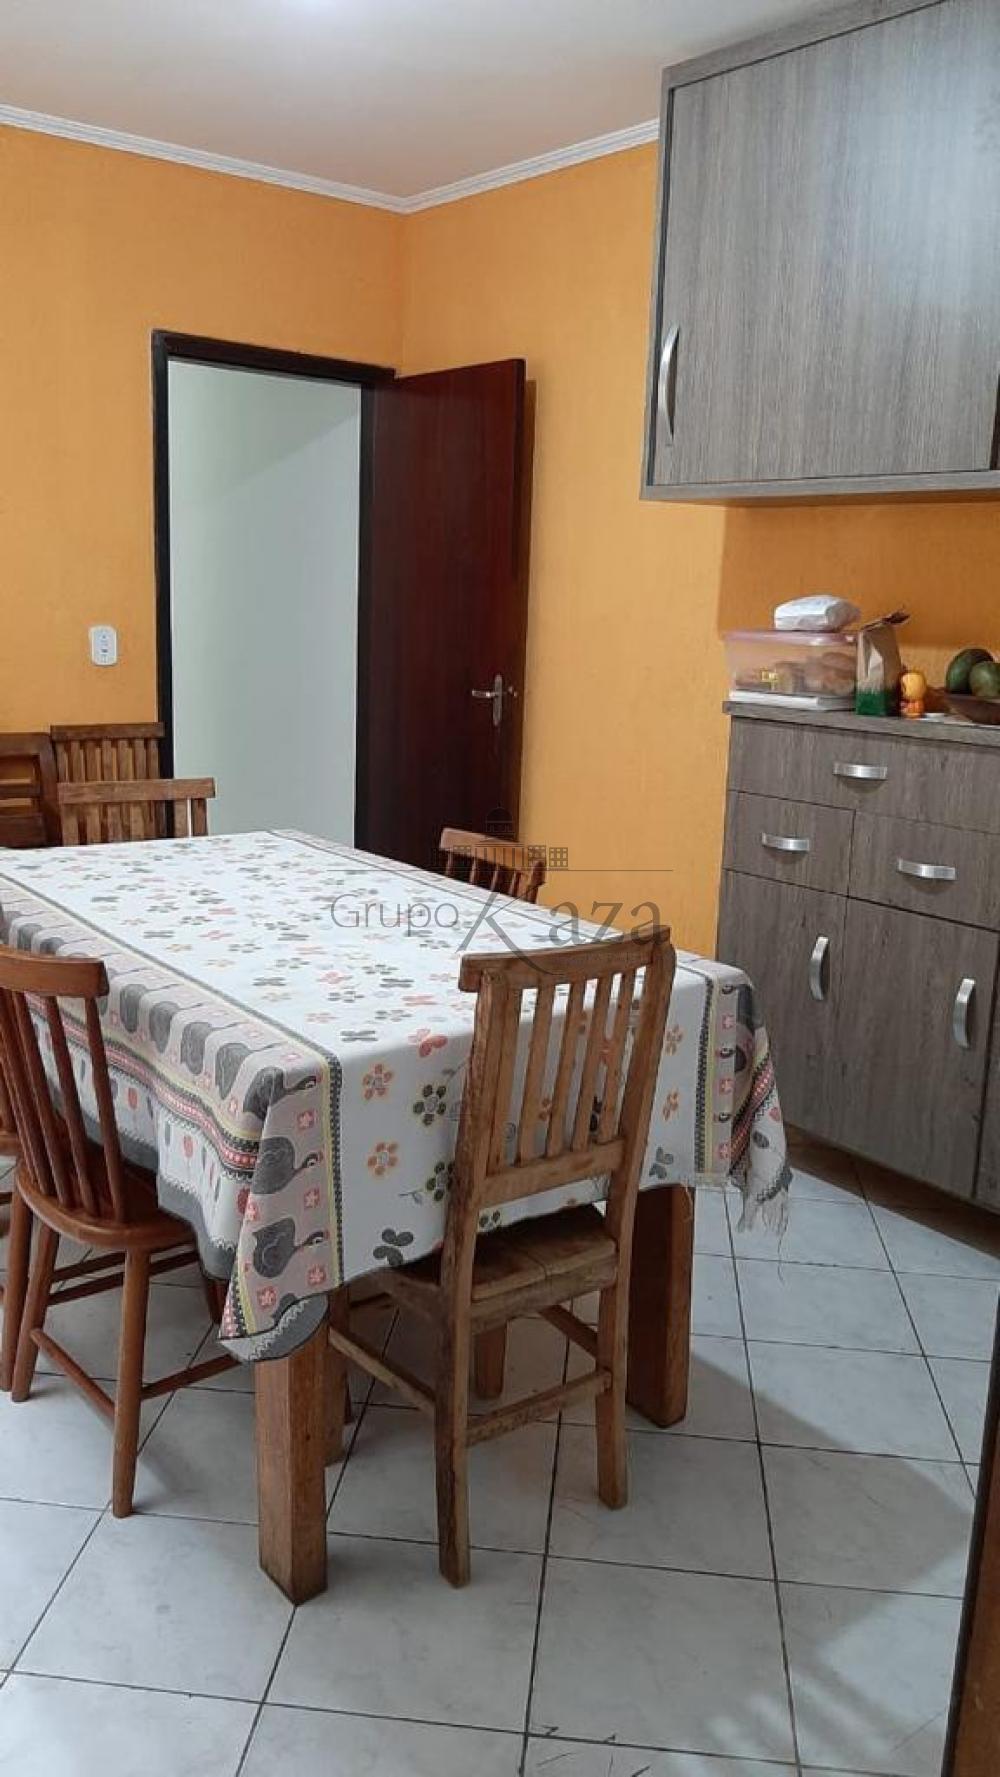 alt='Comprar Casa / Padrão em São José dos Campos R$ 320.000,00 - Foto 5' title='Comprar Casa / Padrão em São José dos Campos R$ 320.000,00 - Foto 5'